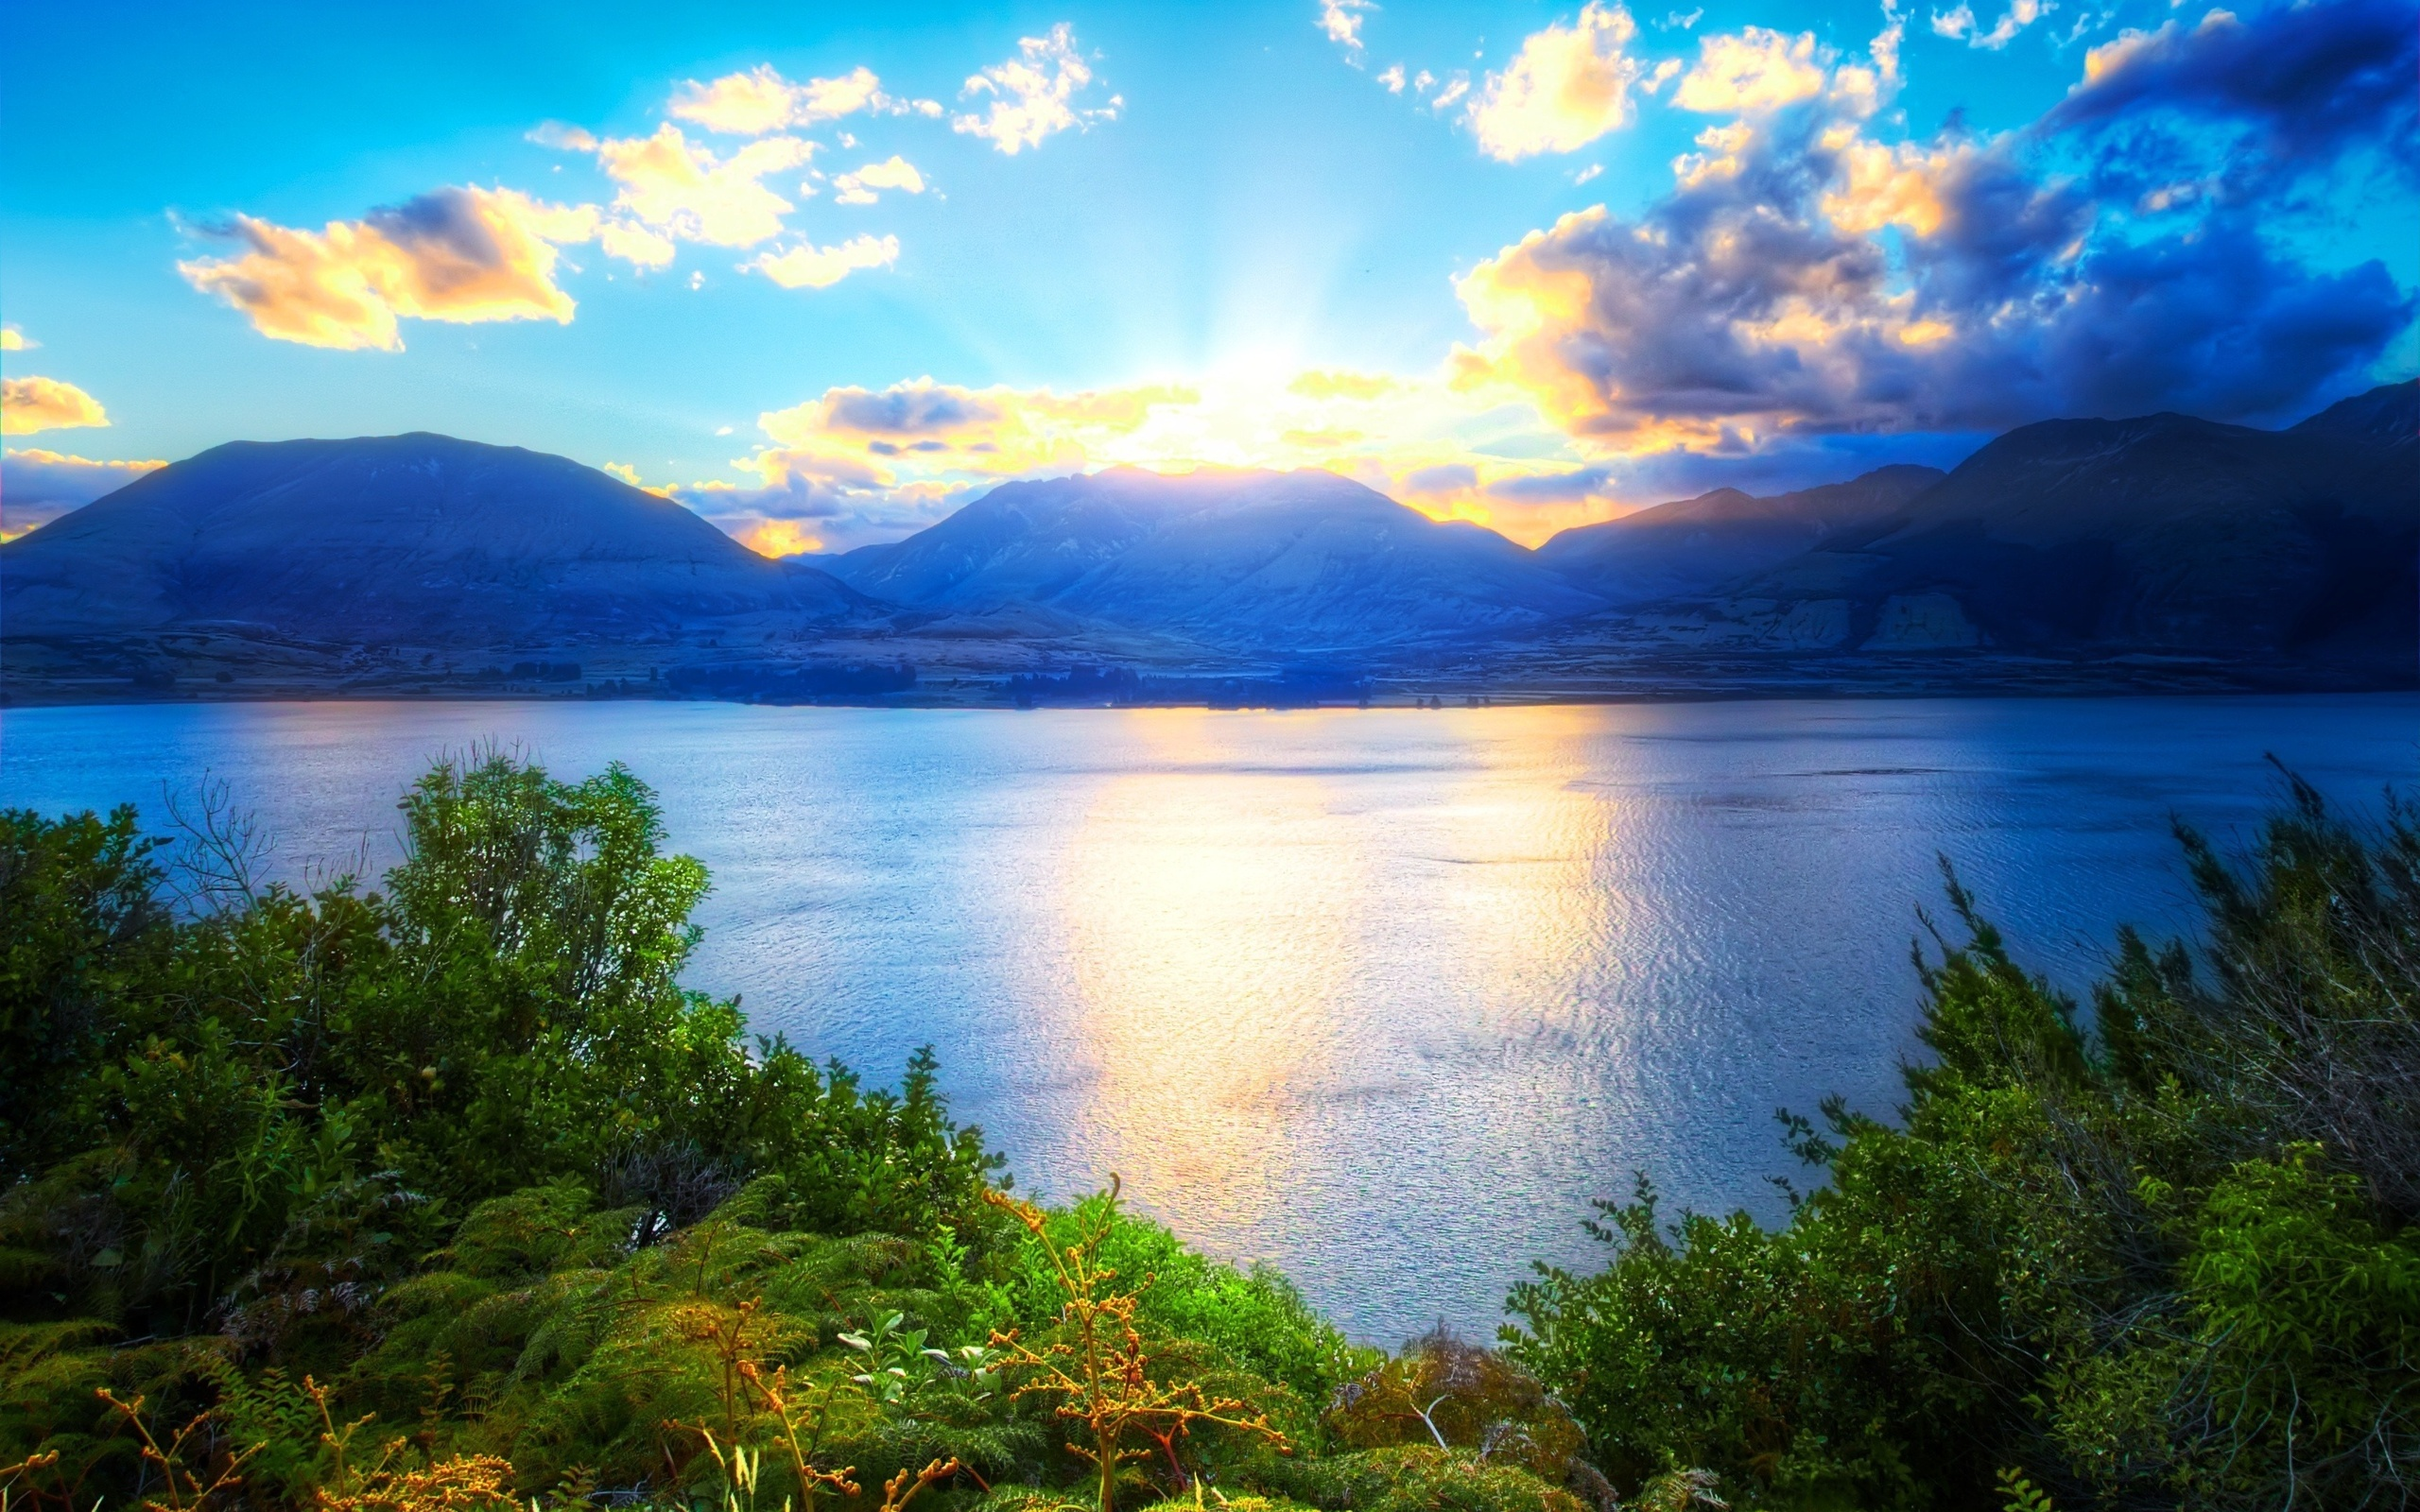 природа горы облака озеро небо облака загрузить